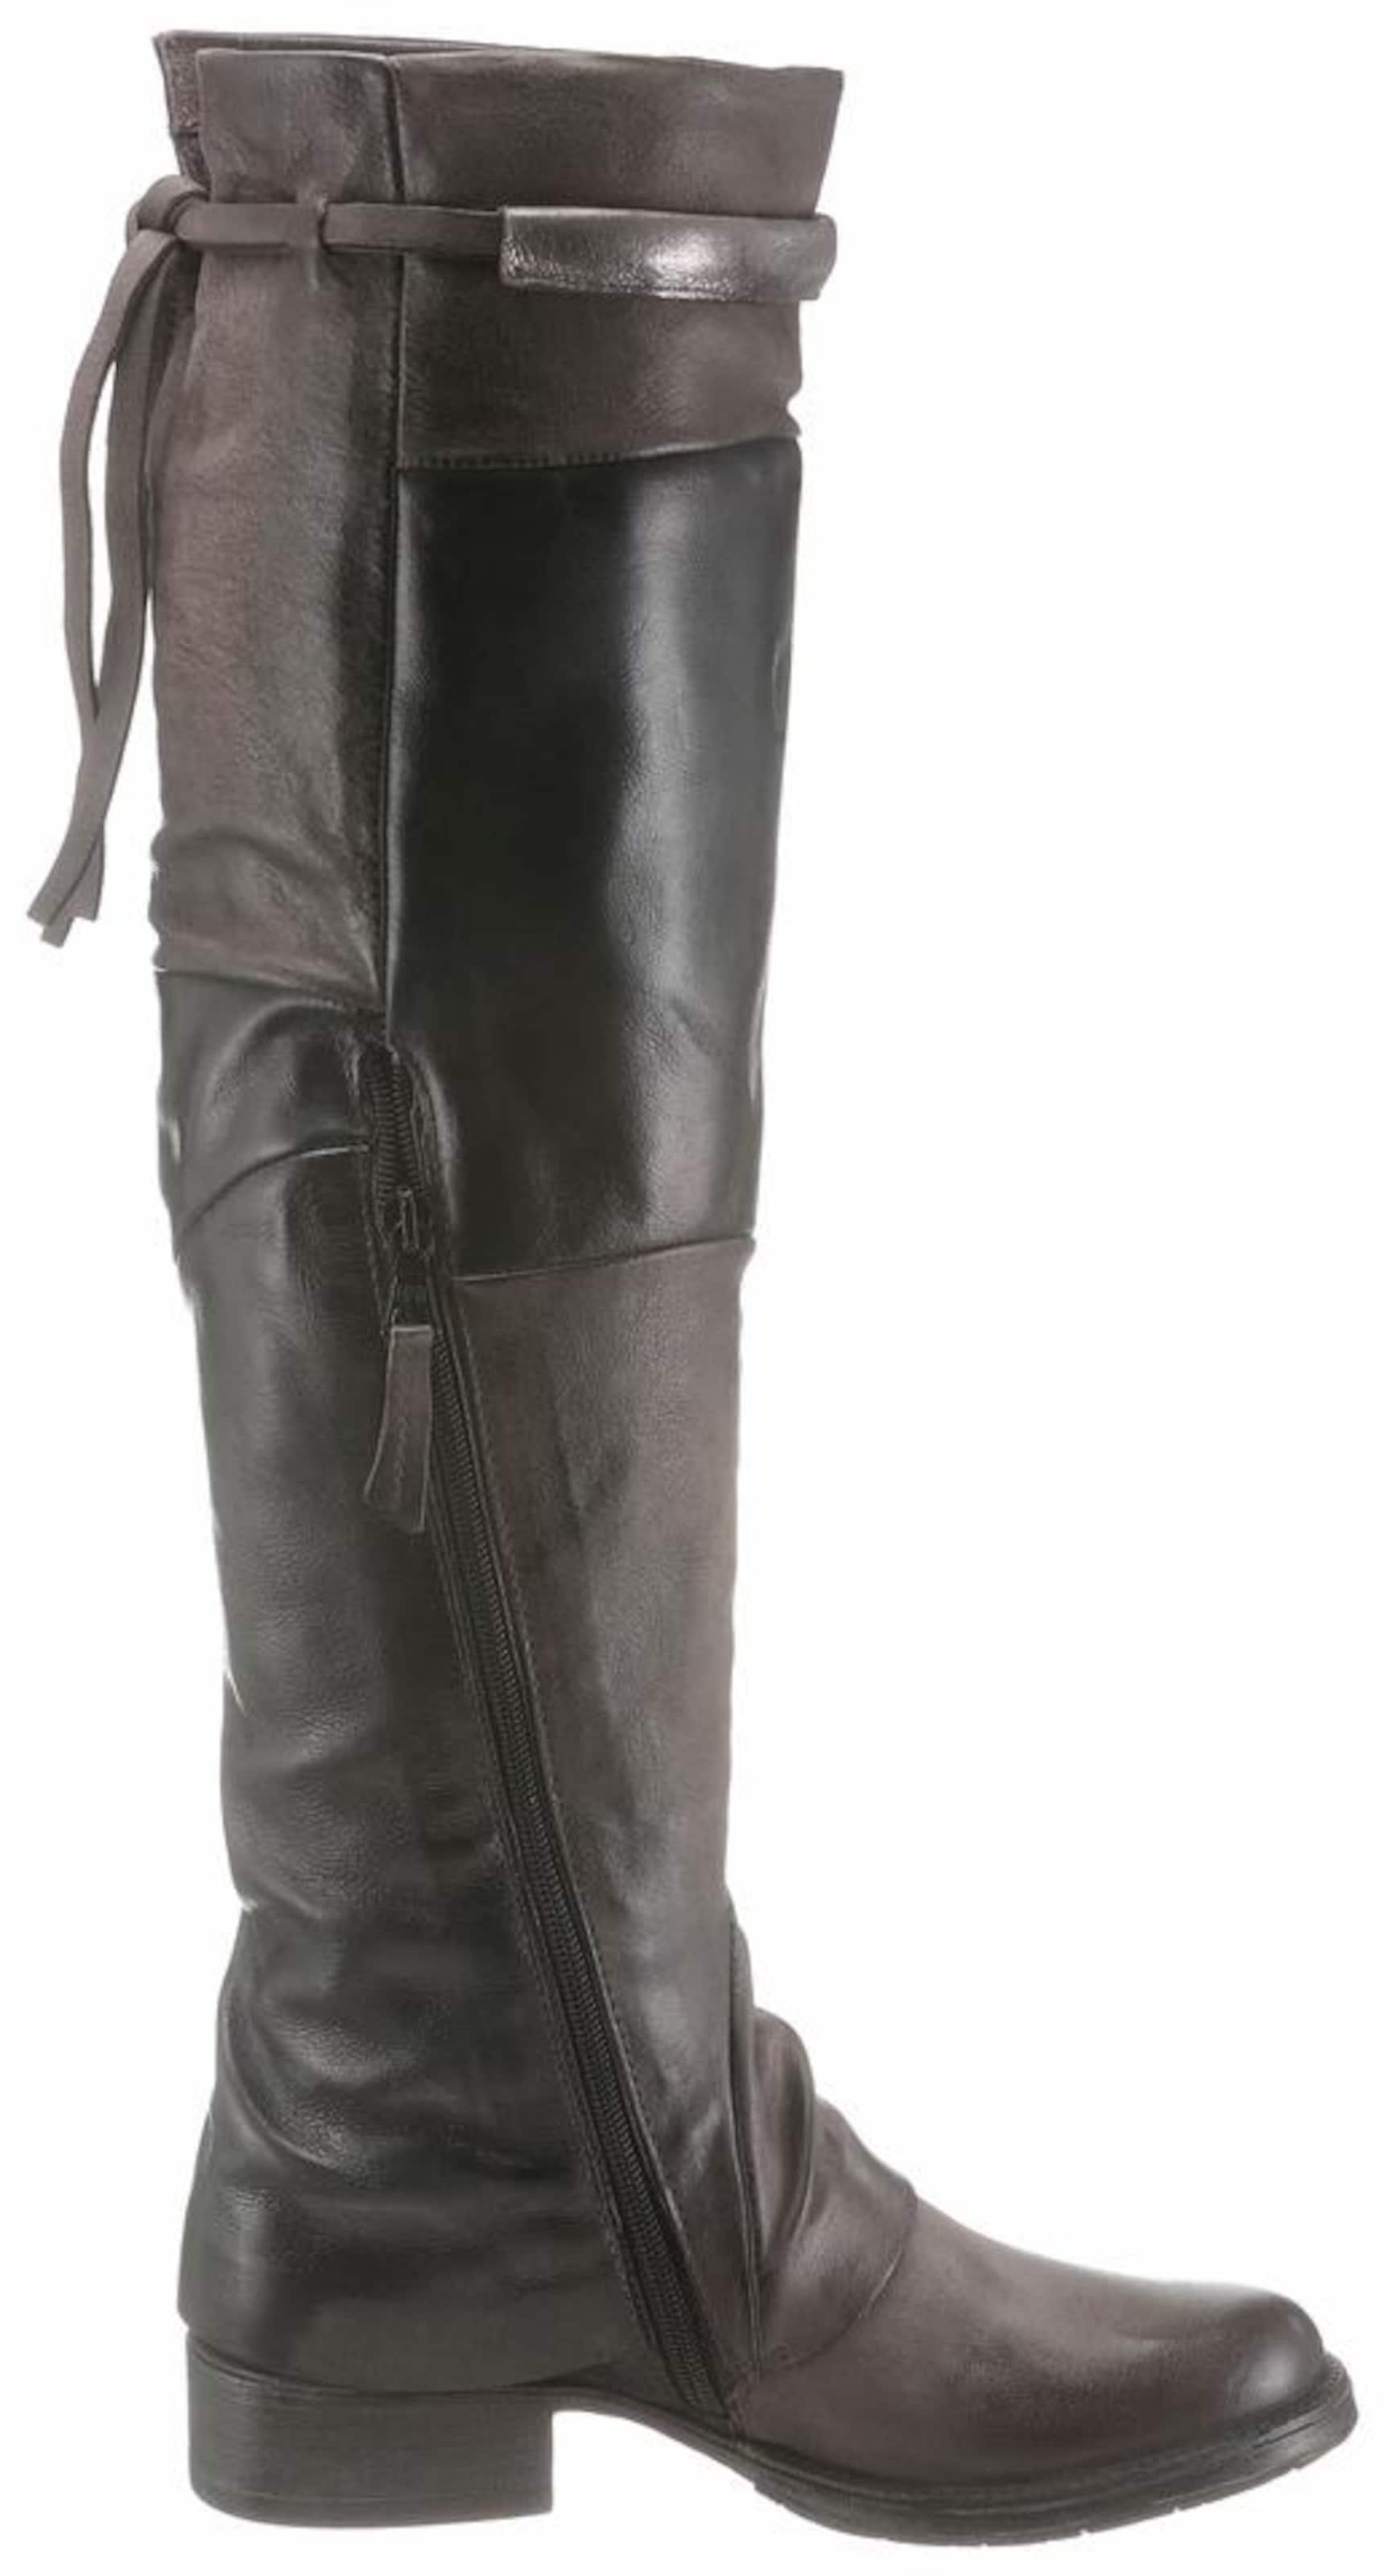 MJUS MJUS MJUS Overkneestiefel Leder Billige Herren- und Damenschuhe 334f26